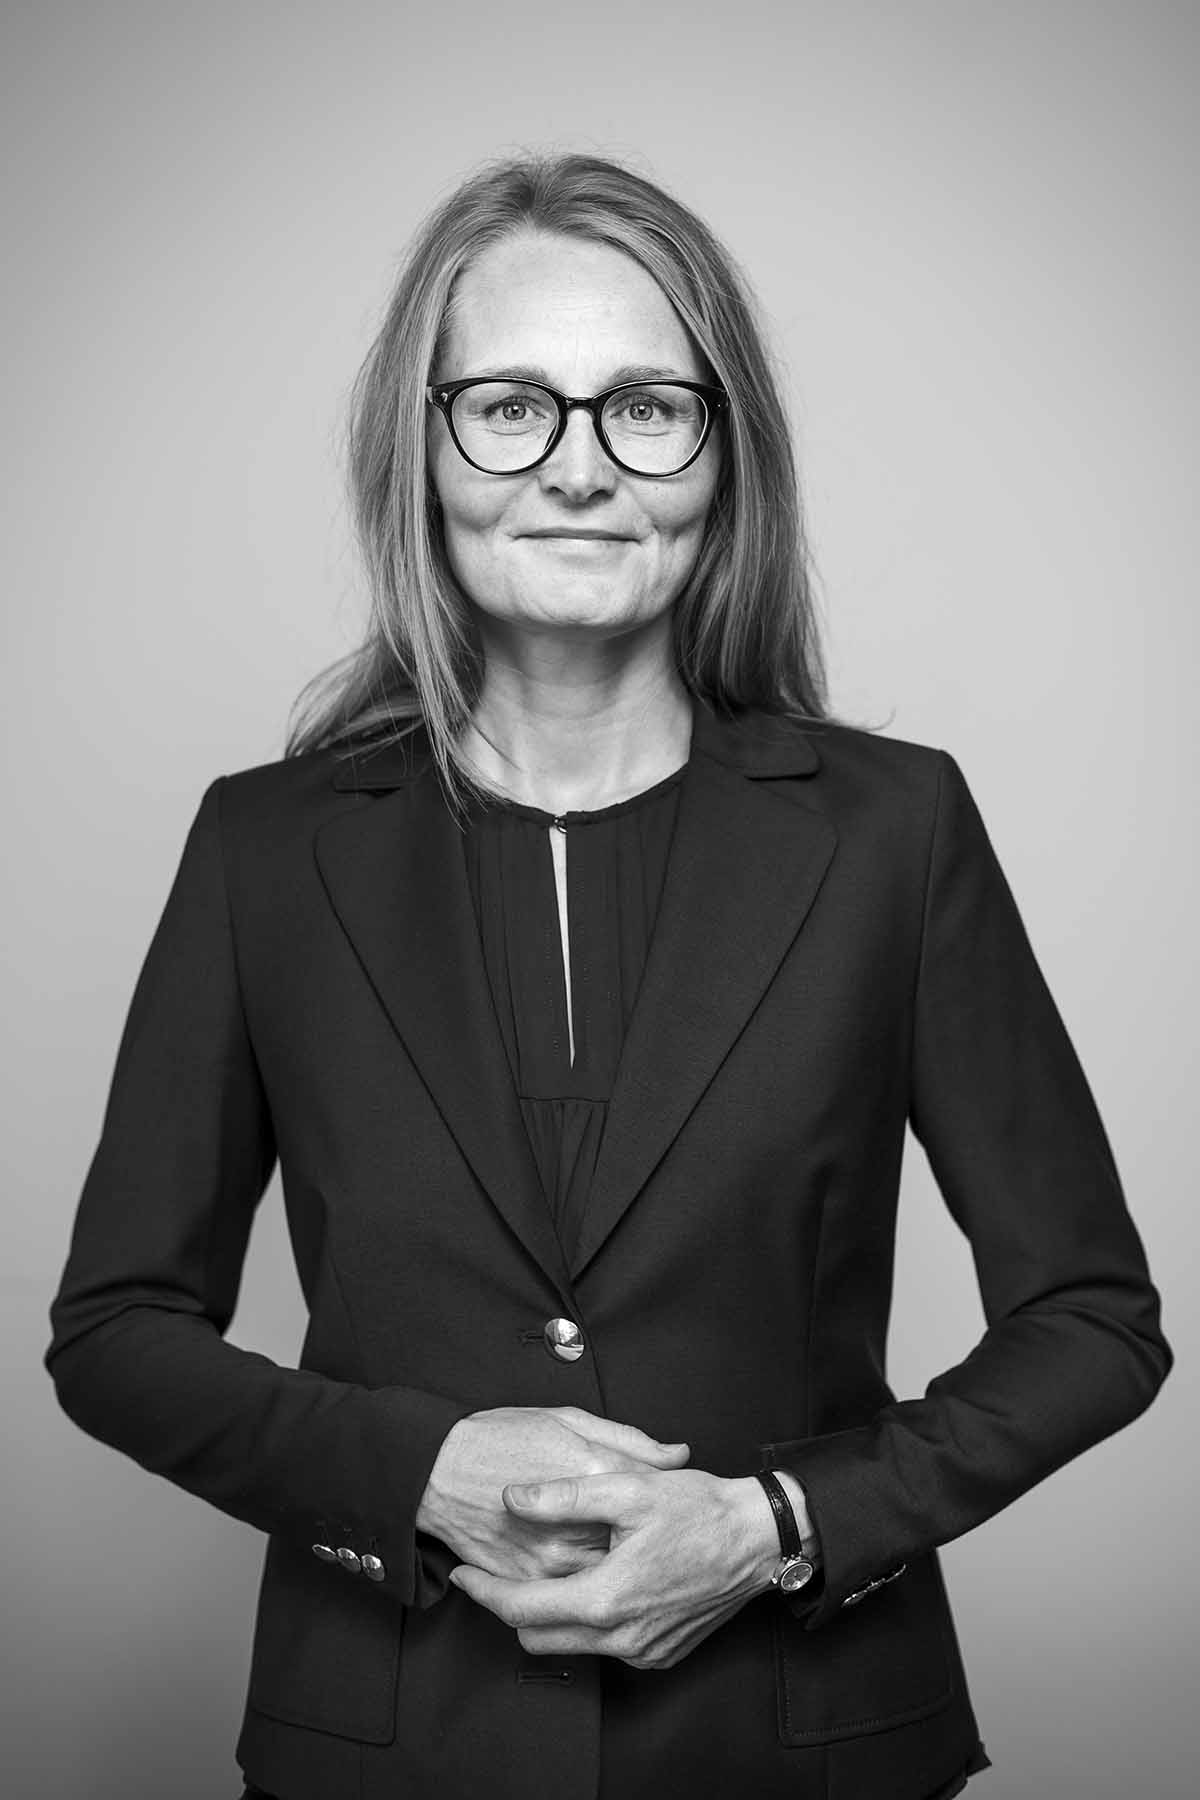 Hvilken Type Portrætfoto portrætfotograf Randers Ønsker Du?